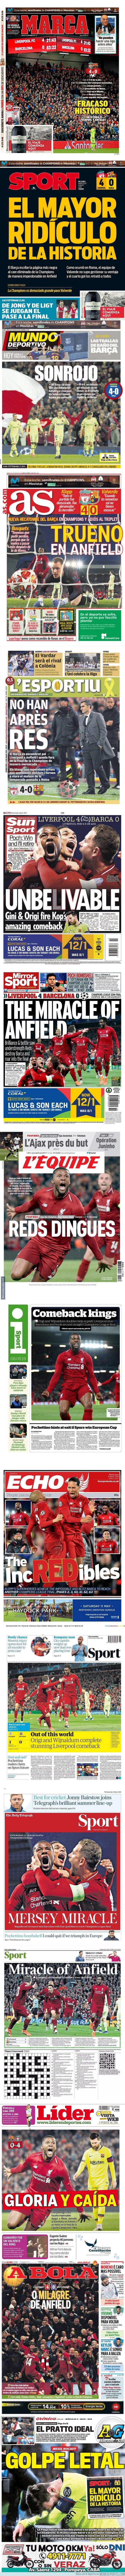 1074155 - Las portadas de todo el mundo rajan hoy del Barça